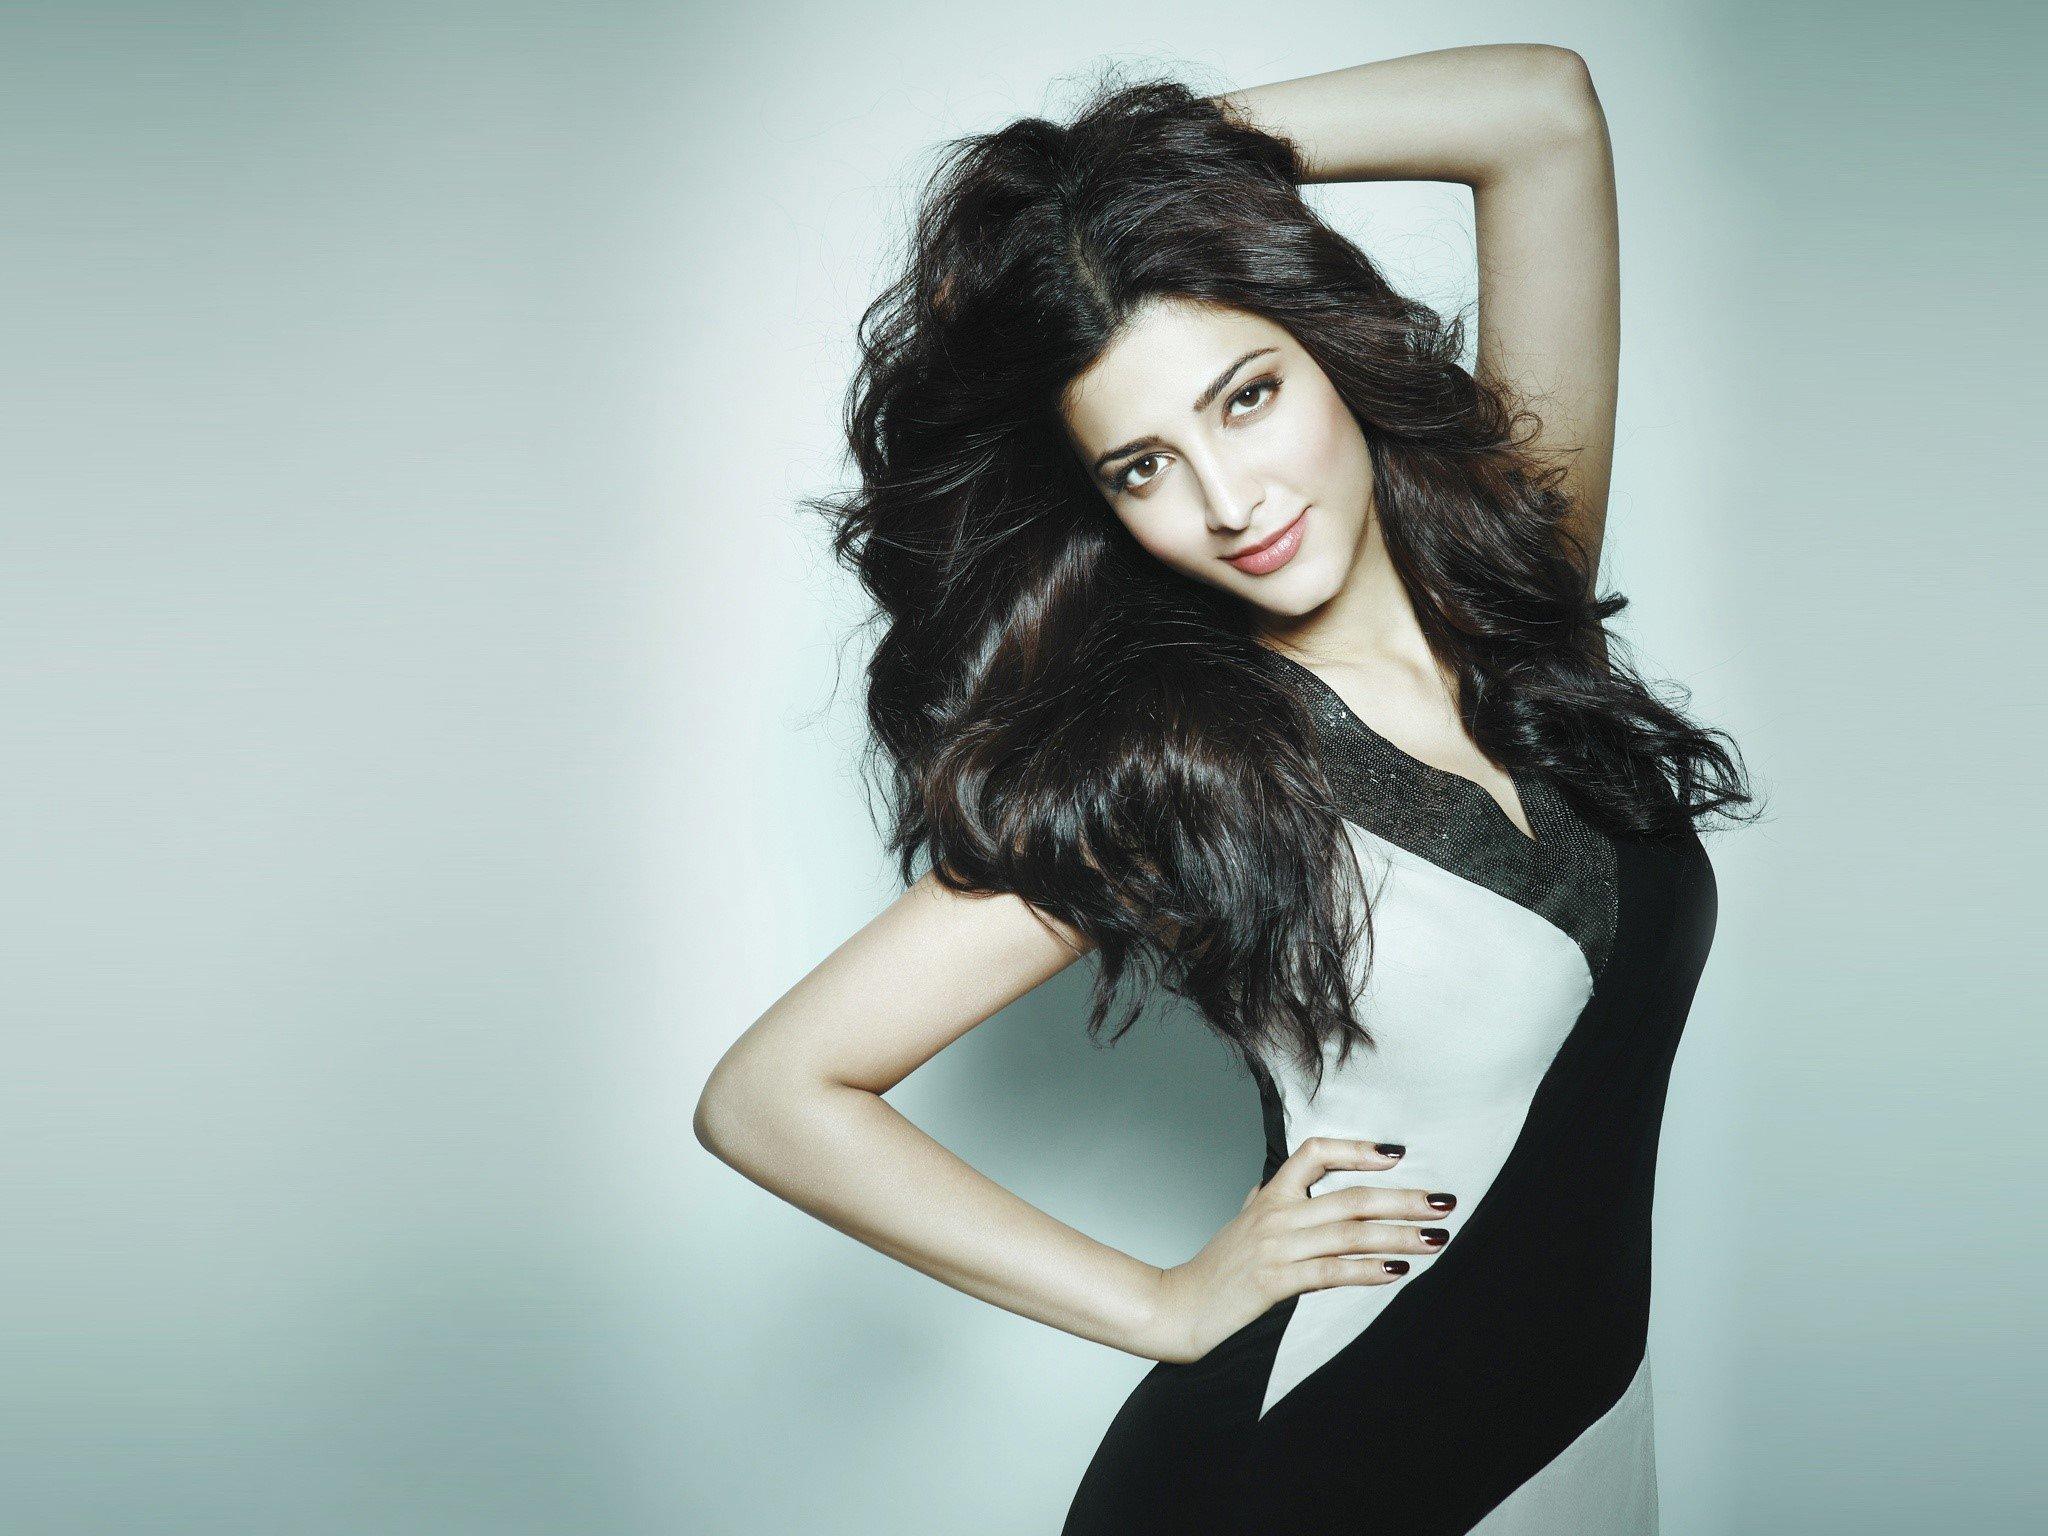 Fondos de pantalla Actriz de Bollywood Shruti Haasan